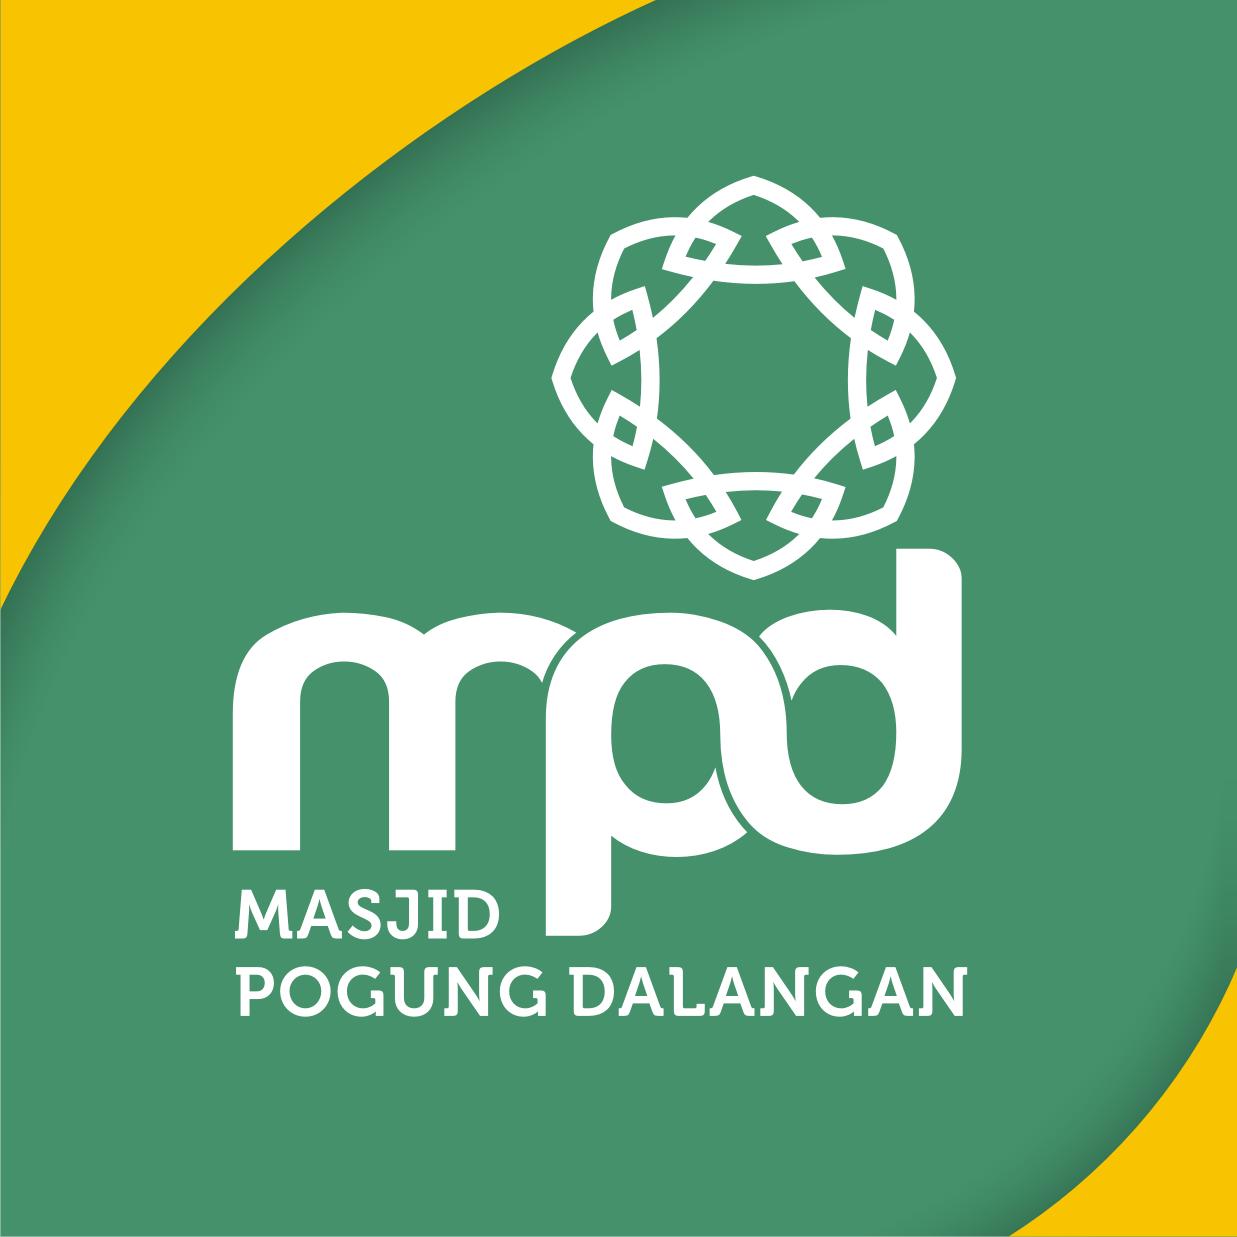 Go to Masjid Pogung Dalangan's profile